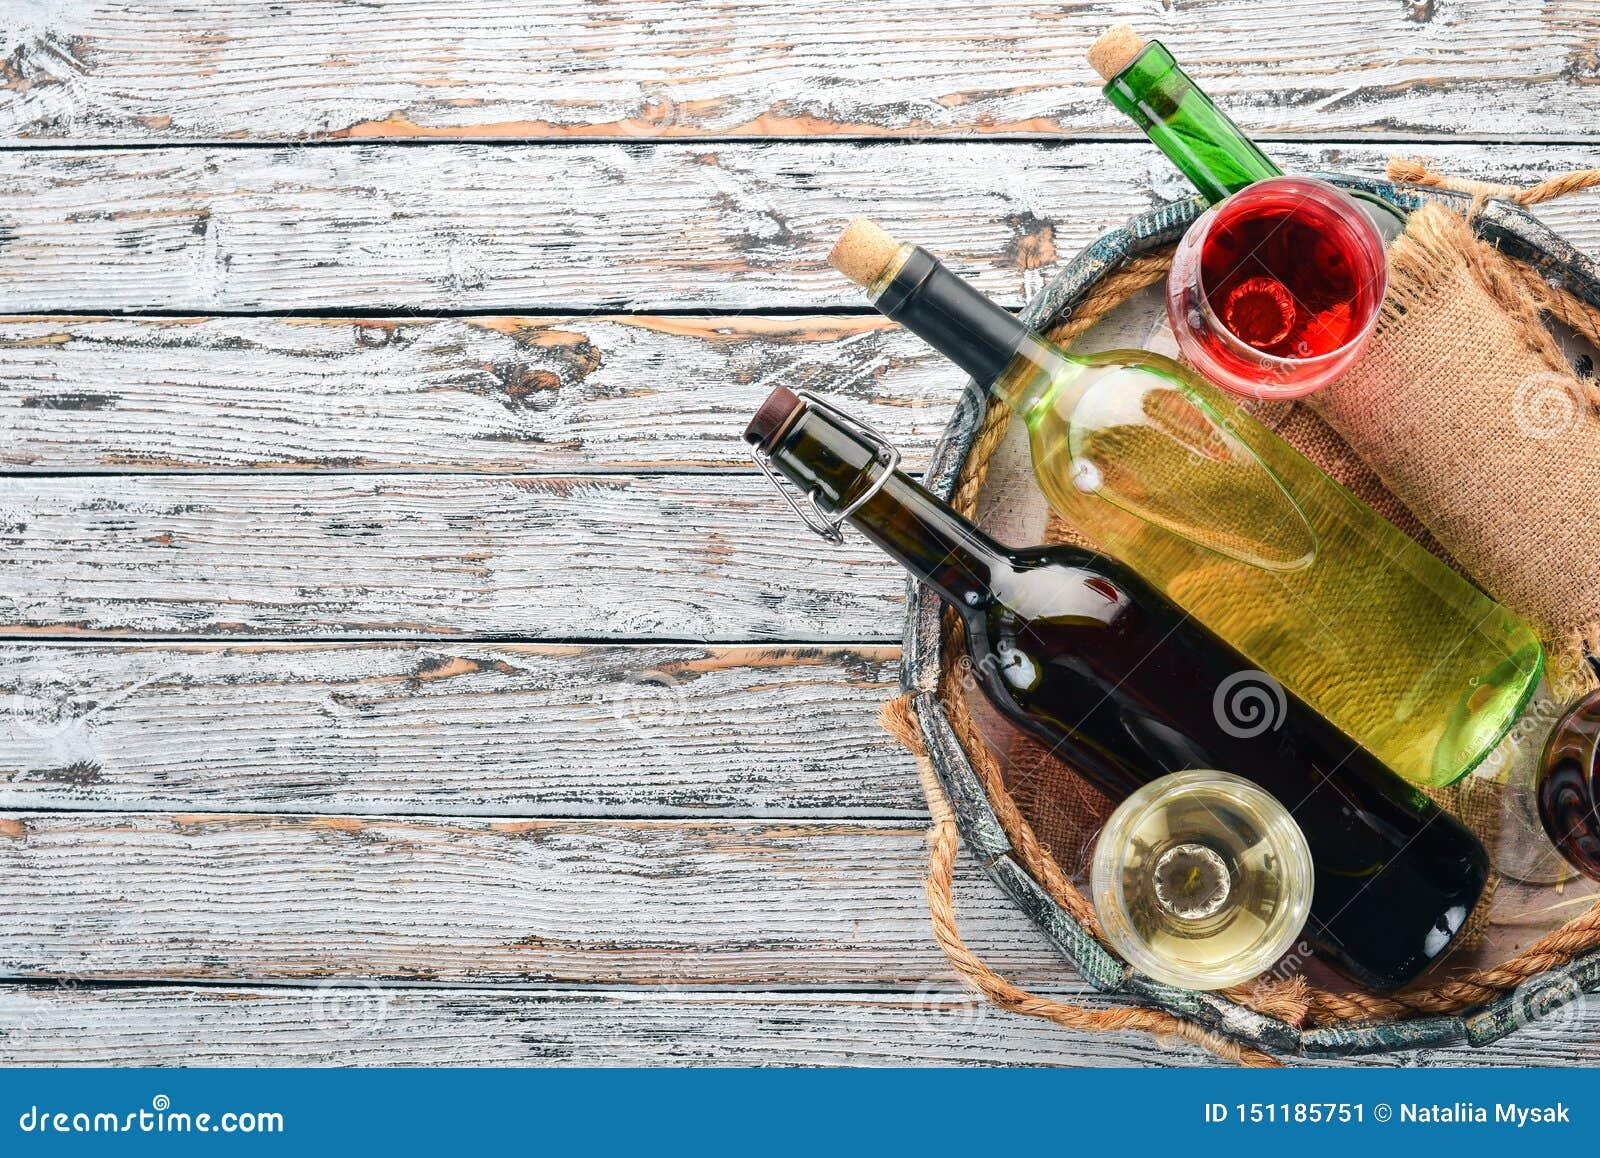 Fije del vino blanco rojo y en botellas y vidrios uva En un fondo de madera blanco Espacio libre para el texto